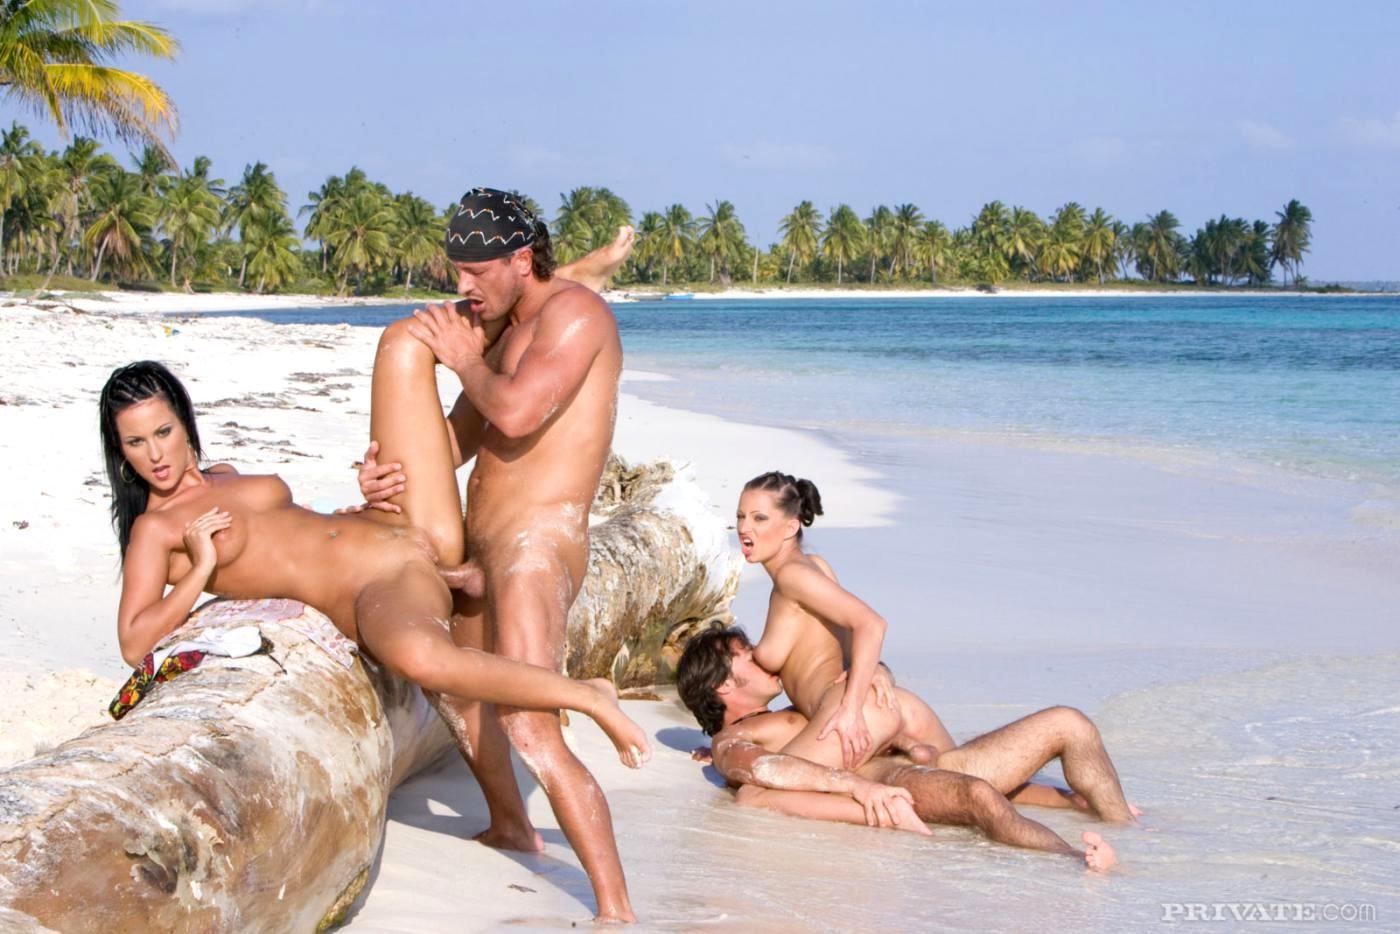 Частный секс с отдыха на море онлайн хуй штанах пышная